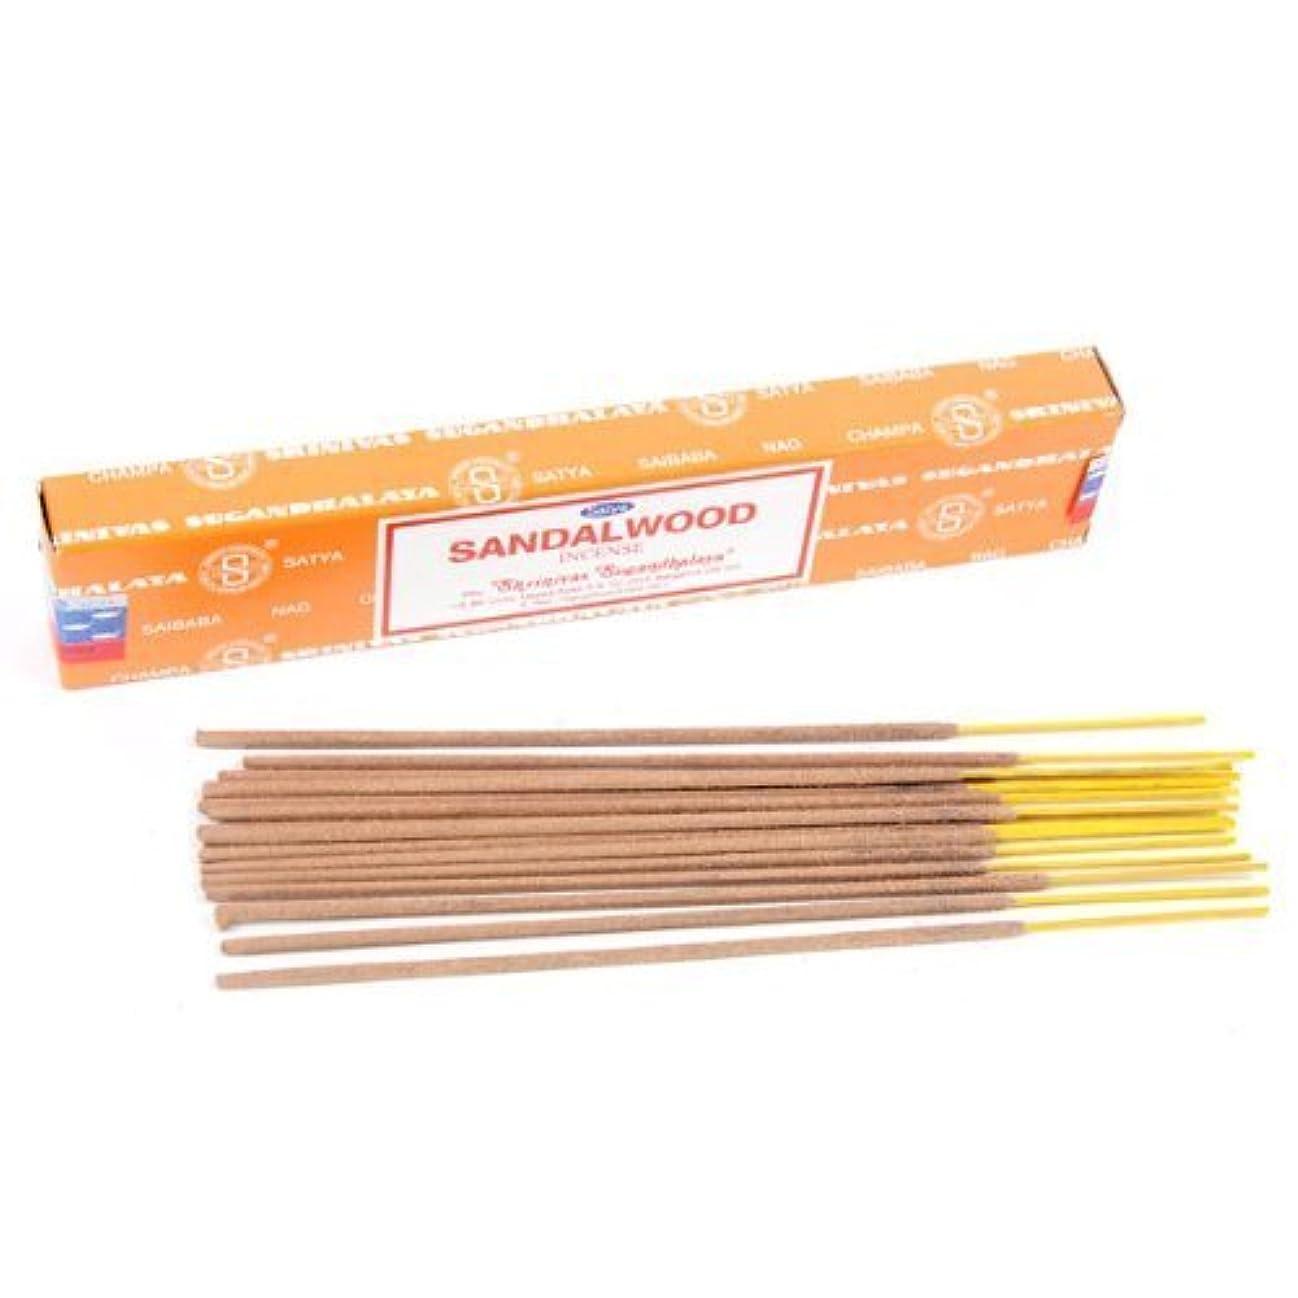 不満キャンドル上げるSatya Sandalwood Nag Champa 12 Incense Sticks by Puckator [並行輸入品]